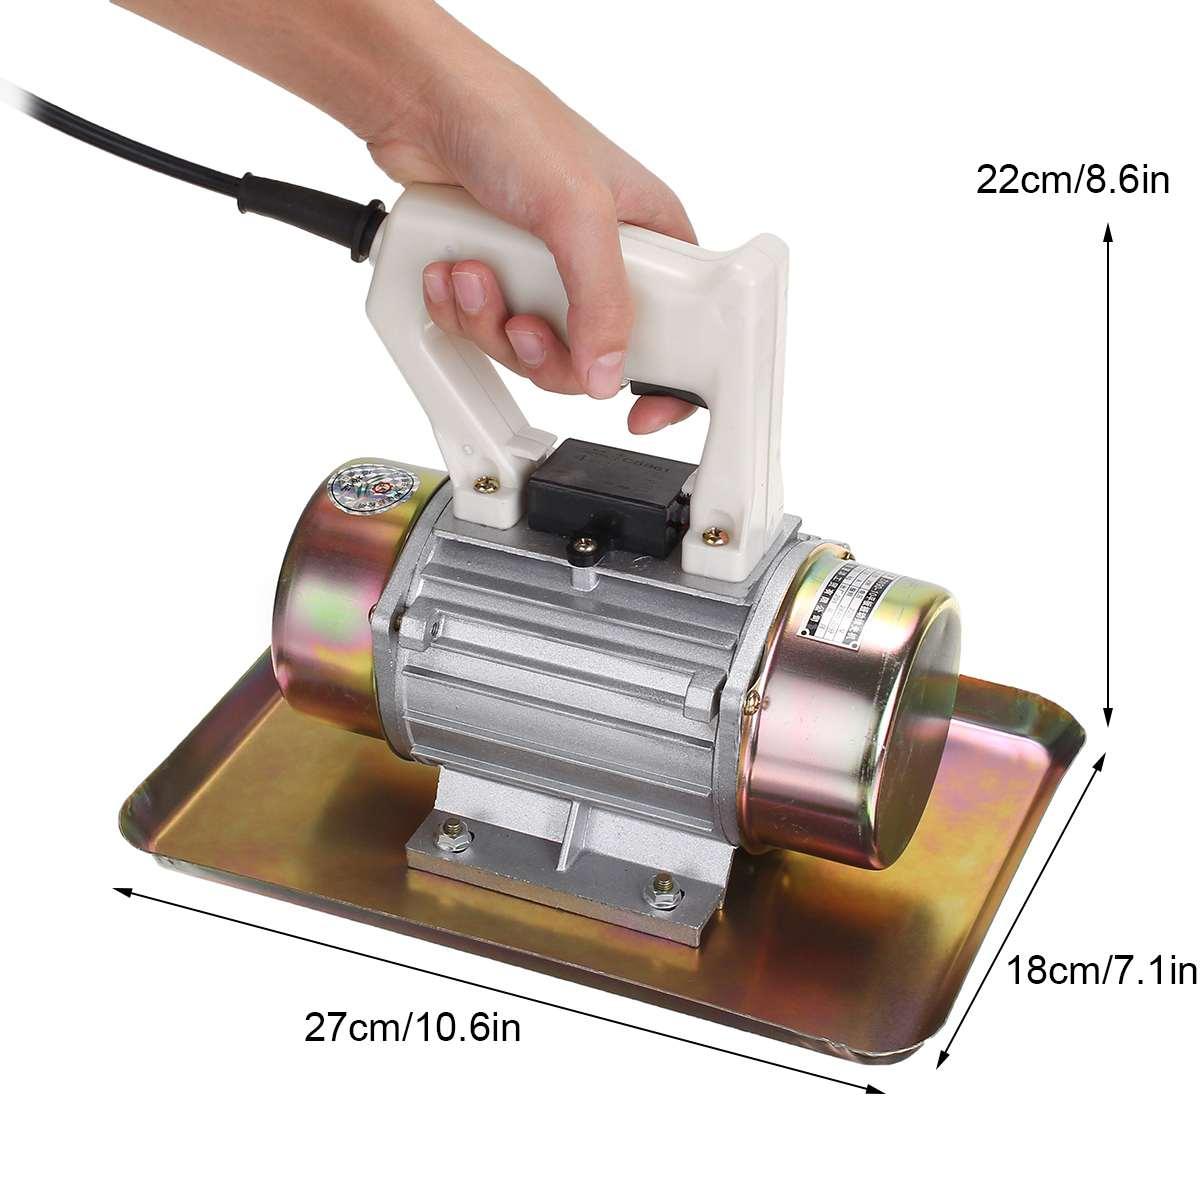 CONCRETE VIBRATOR FOR CONCRETE VIBRATING TABLE-CONCRETE VIBRATOR MOTOR220V//50HZ